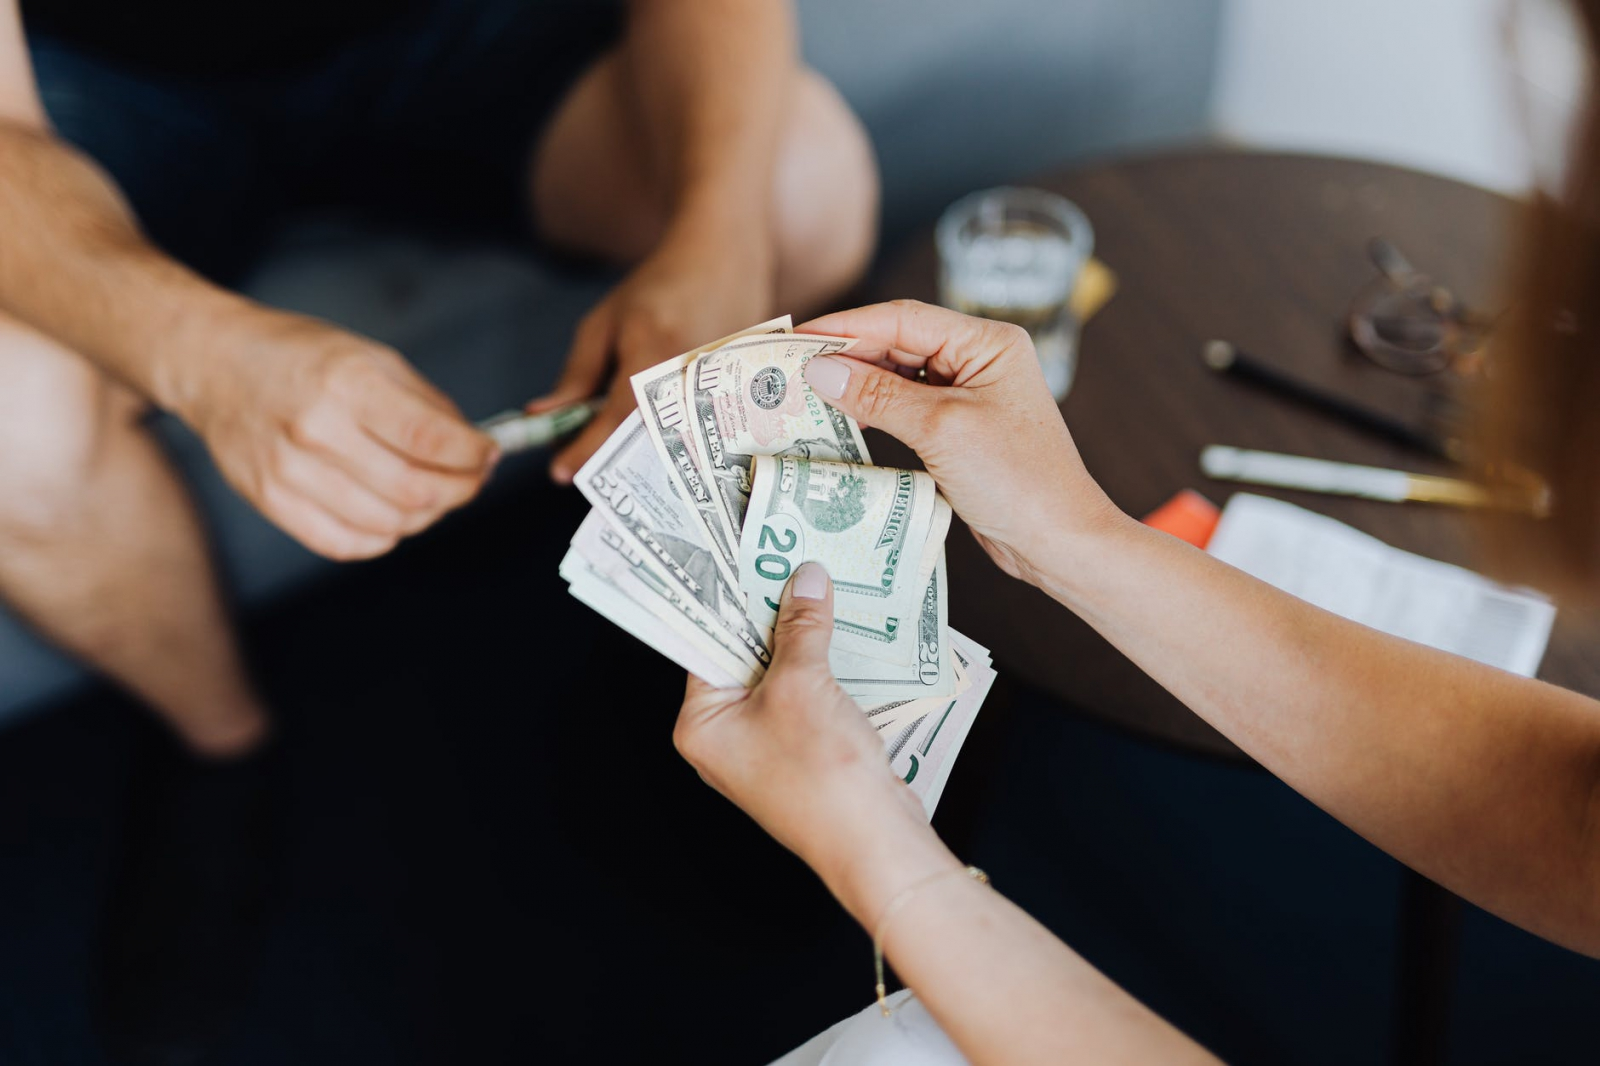 【理財專知】基本生活費擬調高至19.2萬 205萬戶有望省稅